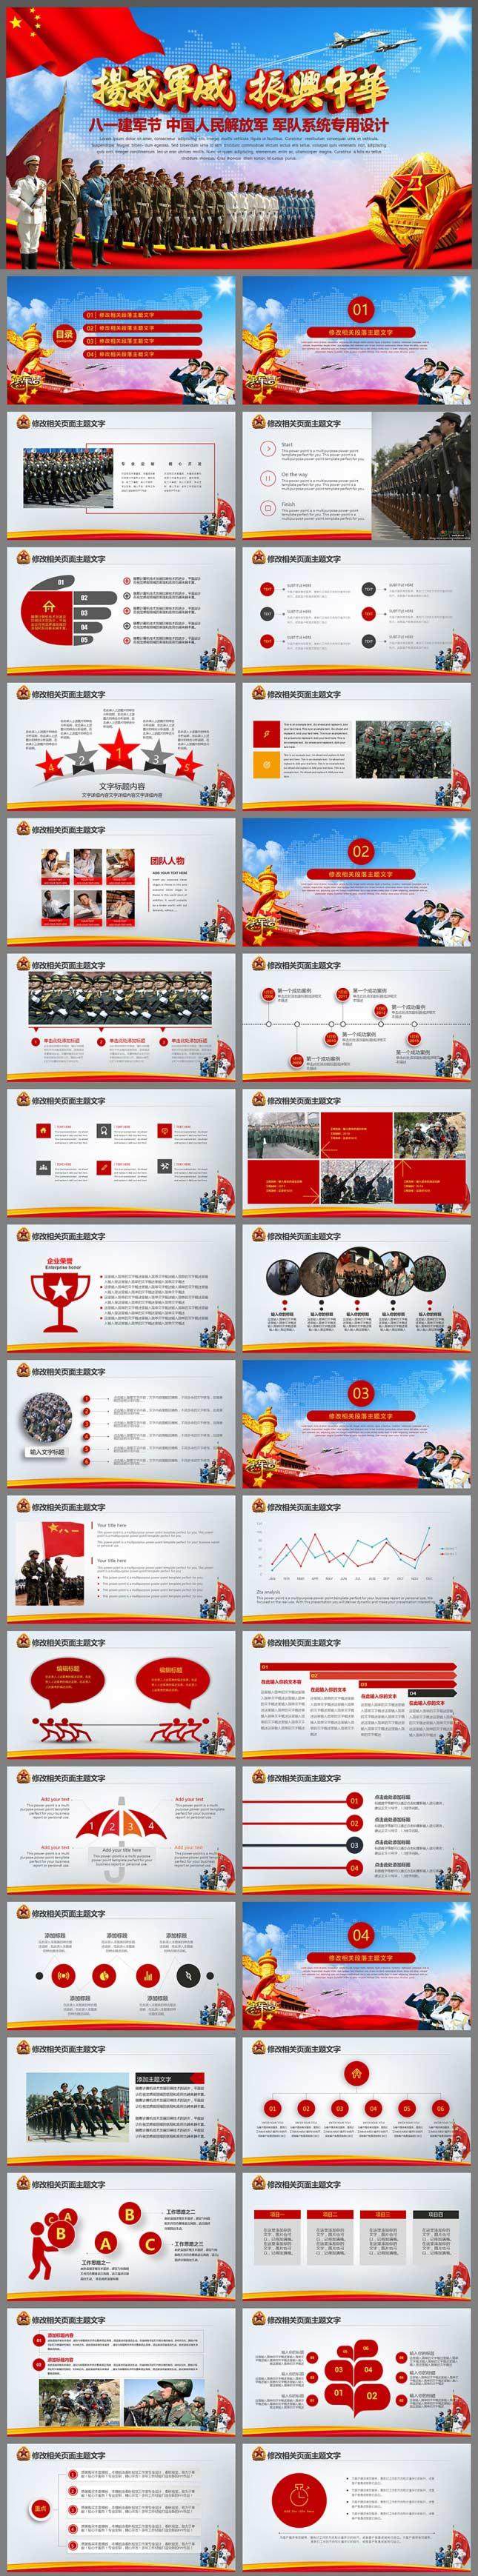 解放军八一建军节军队系统PPT模板